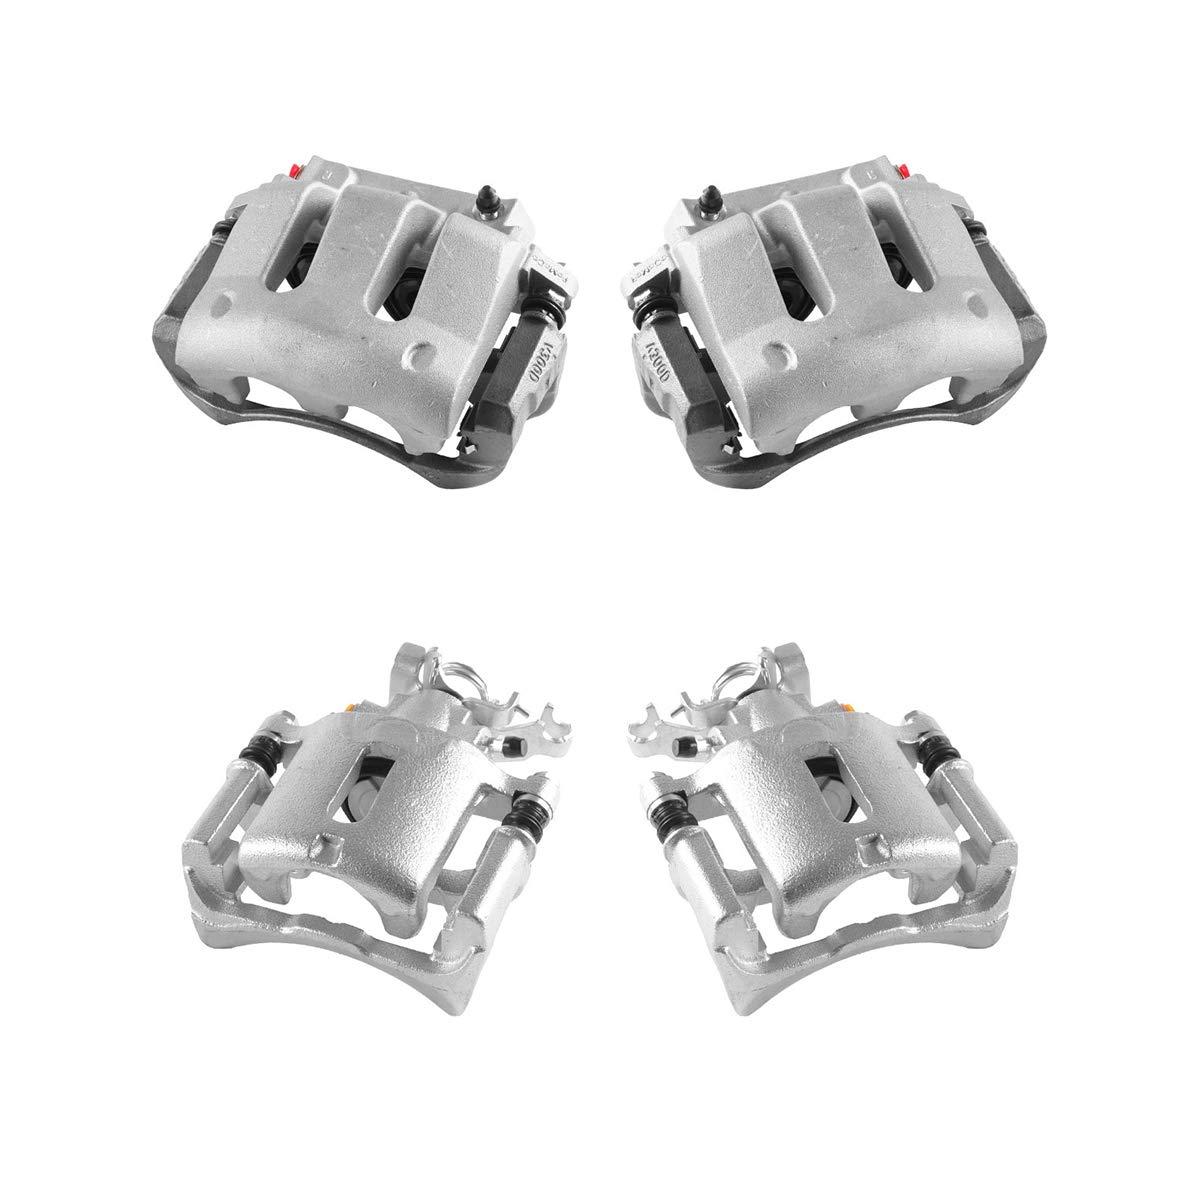 Hardware Brake Kit 4 Ceramic Brake Pads Callahan CCK04176 REAR Premium Original Calipers FRONT